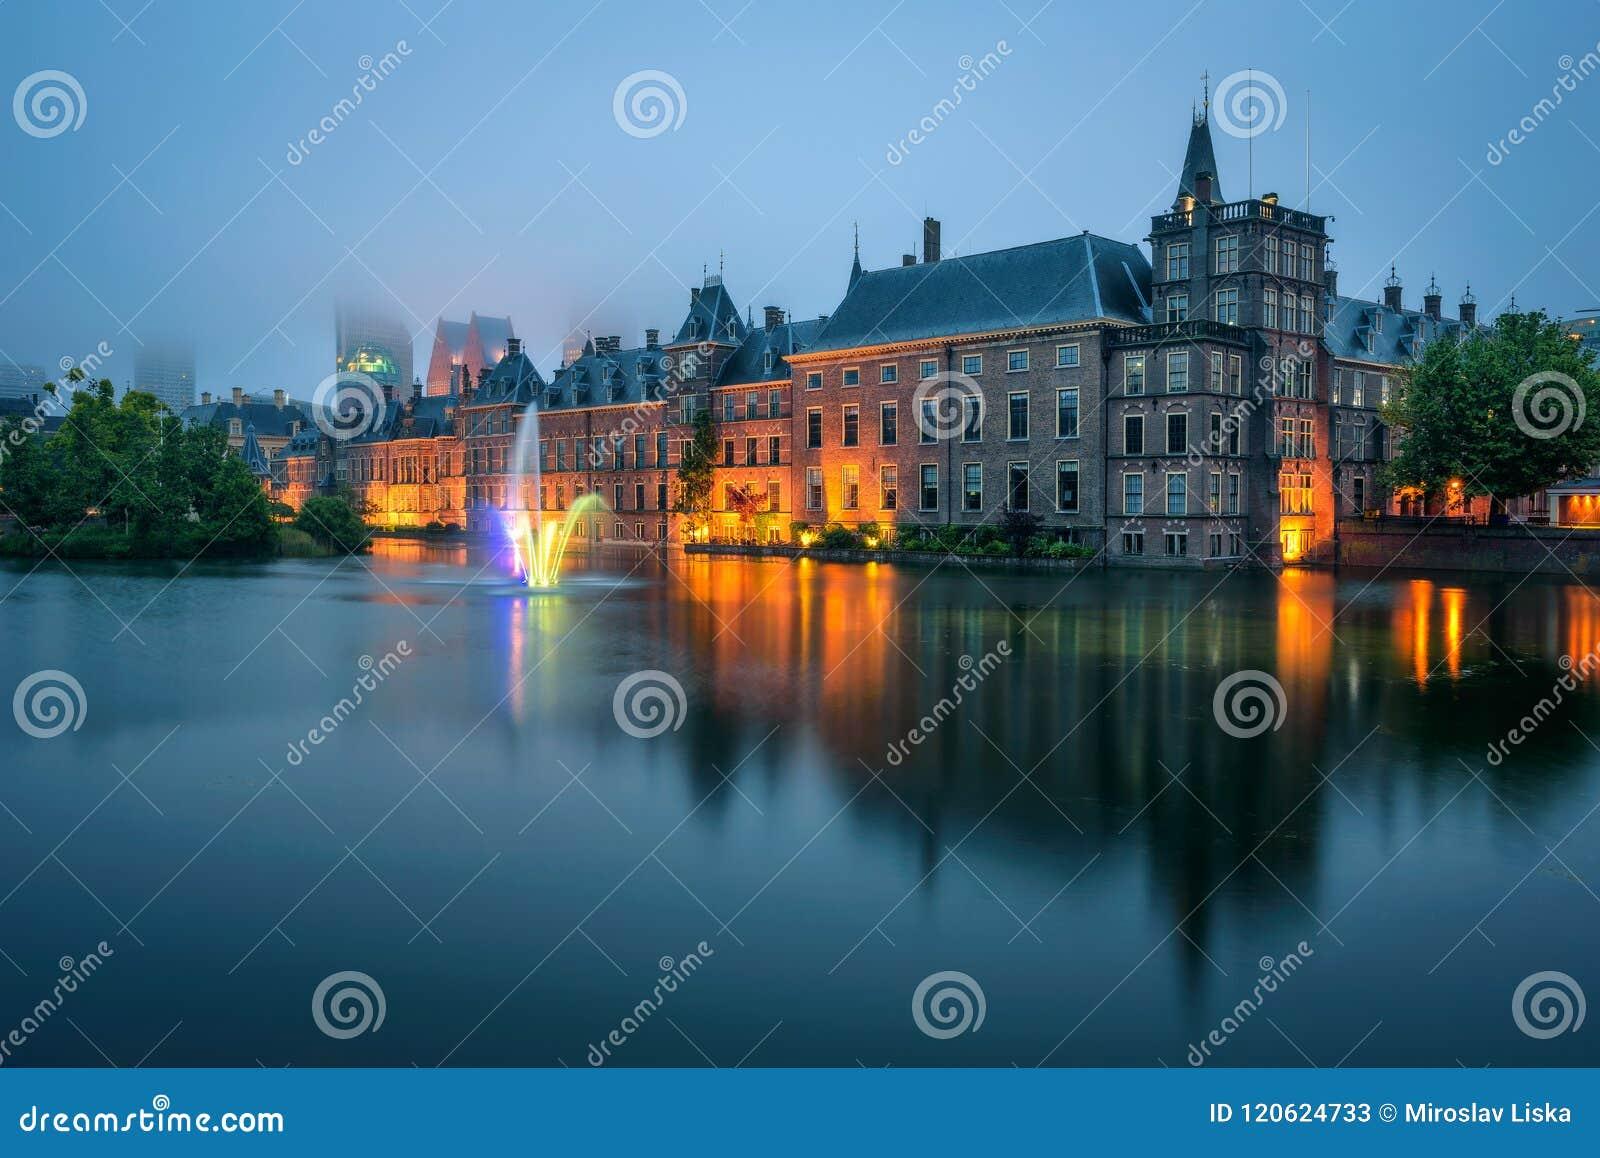 Το παλάτι Binnenhof ένα ομιχλώδες βράδυ στη Χάγη, Κάτω Χώρες